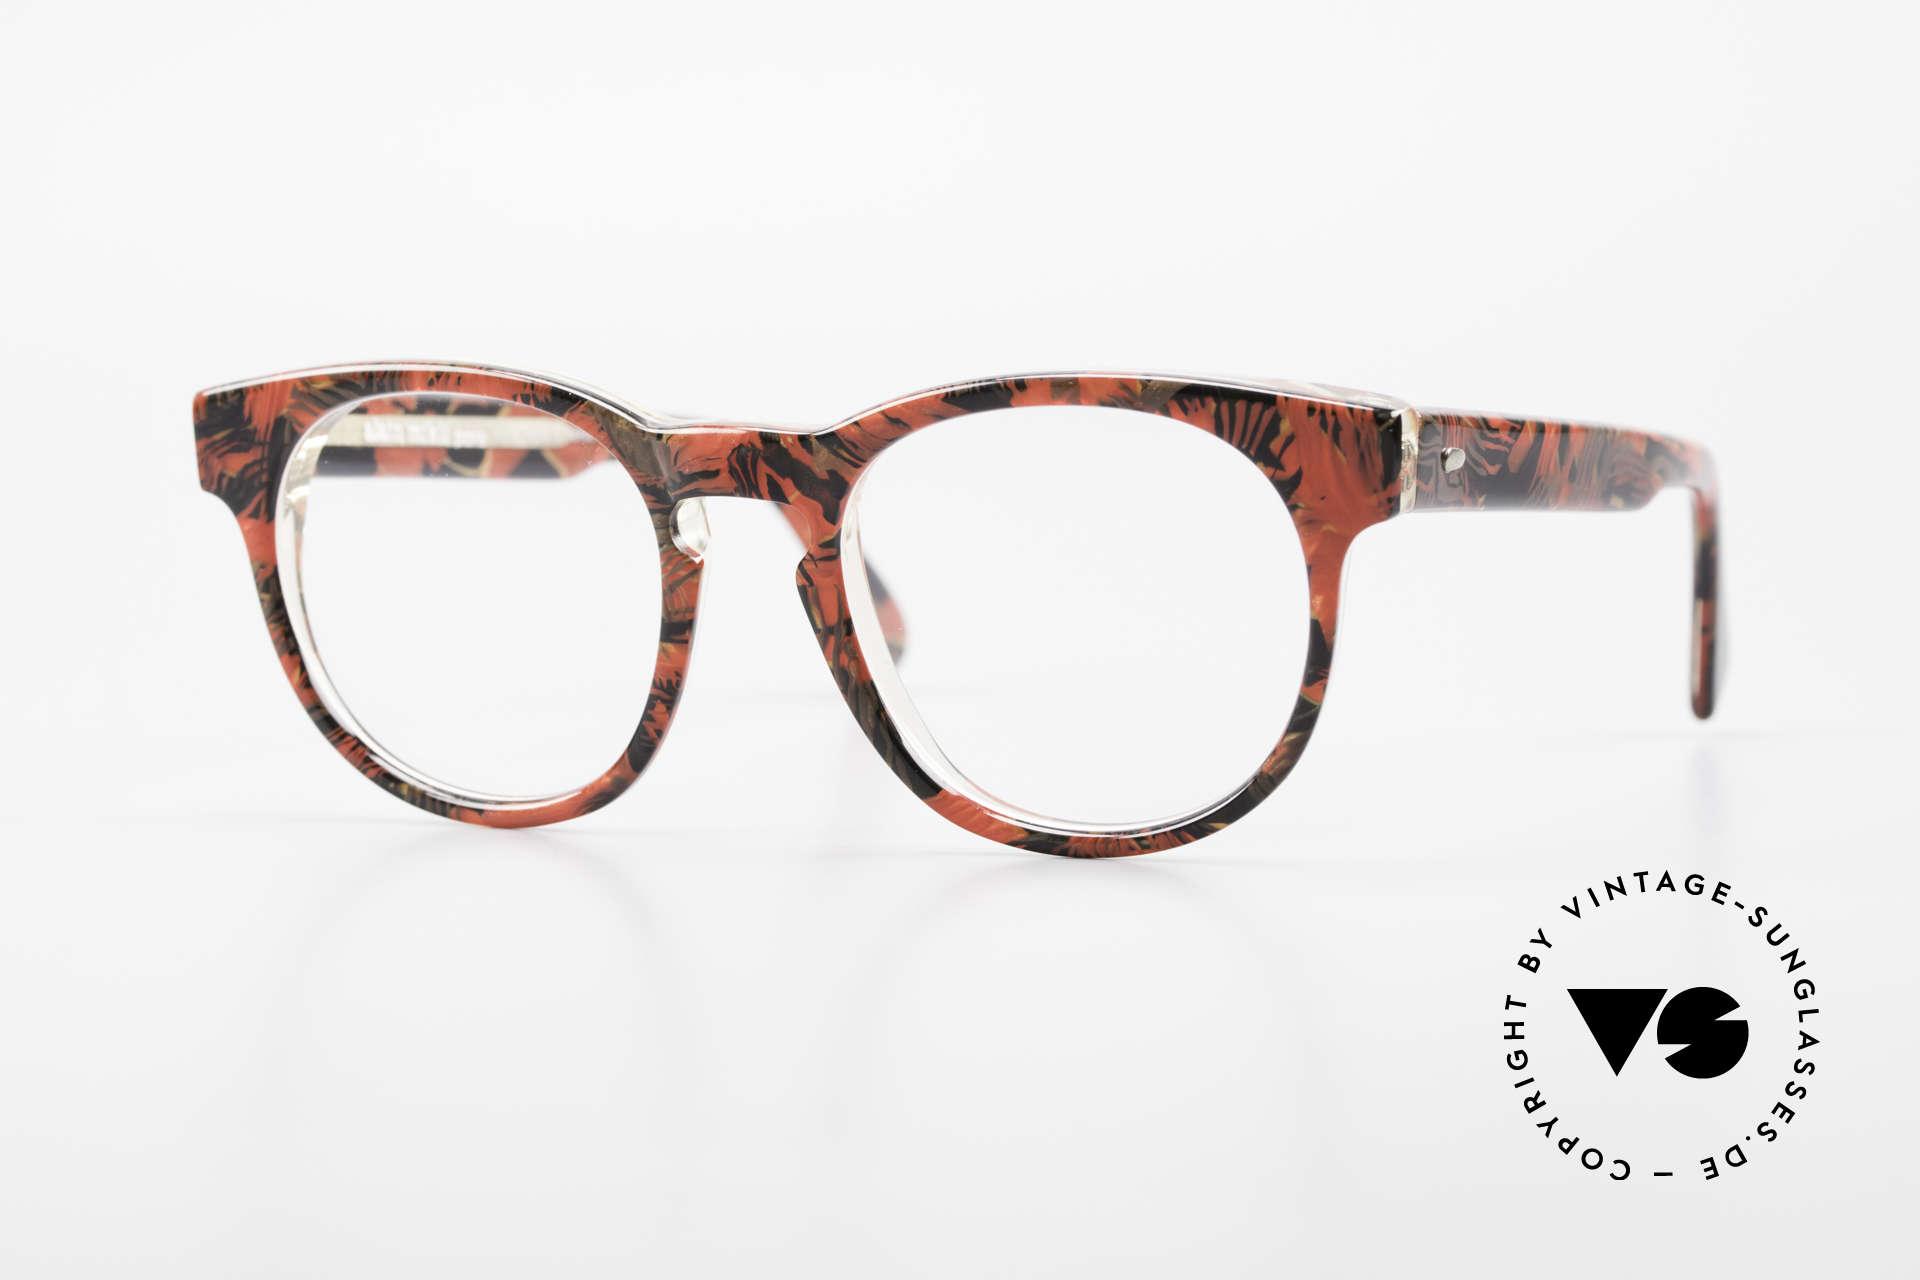 Alain Mikli 903 / 687 Gemusterte 80er Panto Brille, zeitlose Alain MIKLI Paris Designer-Brillenfassung, Passend für Herren und Damen